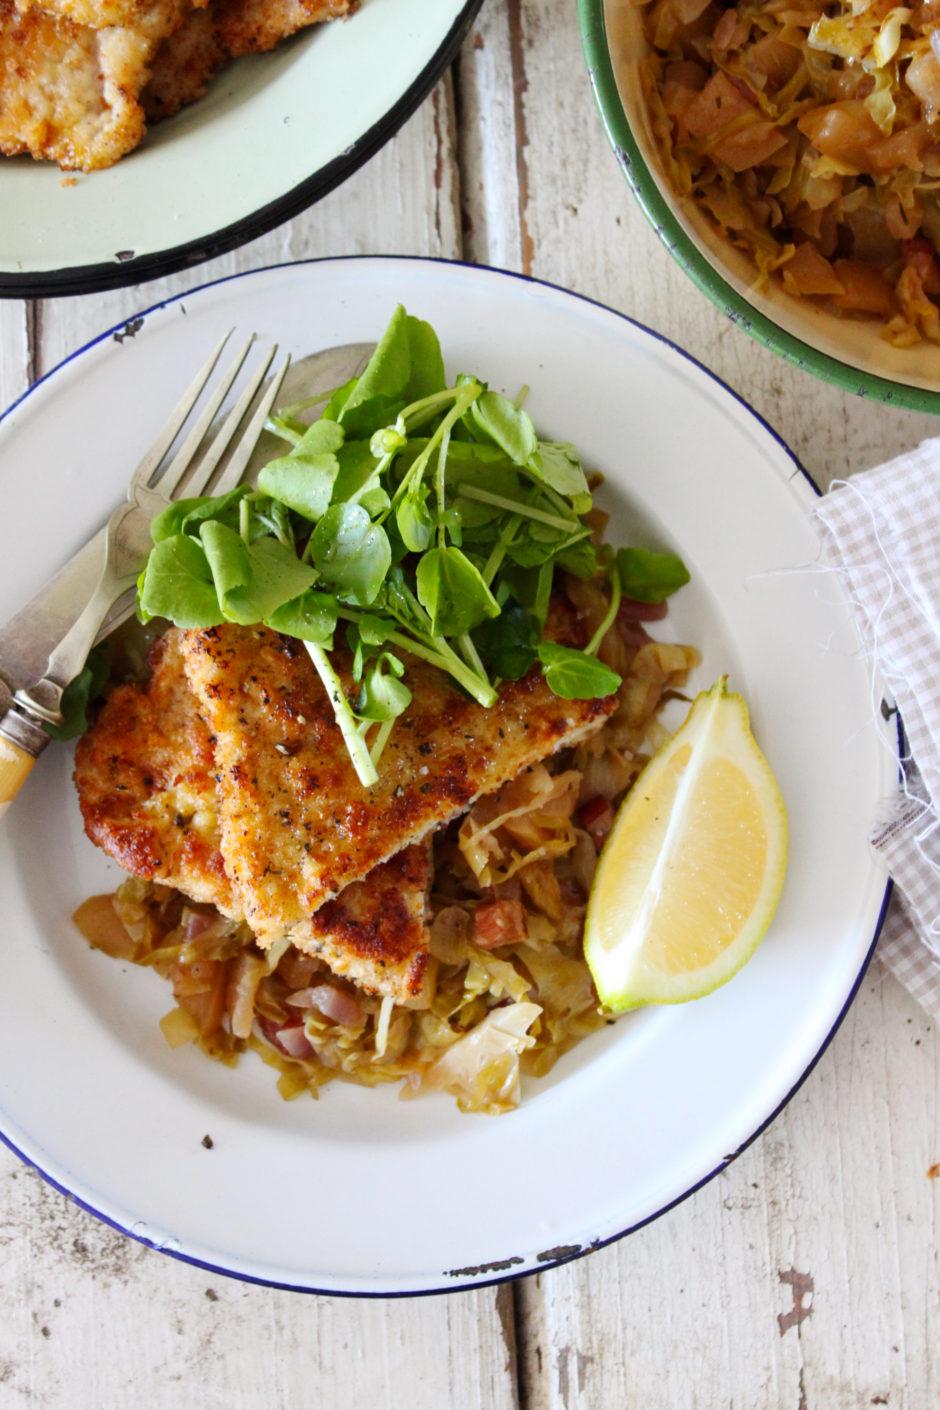 Lemon and Thyme Pork Schnitzel